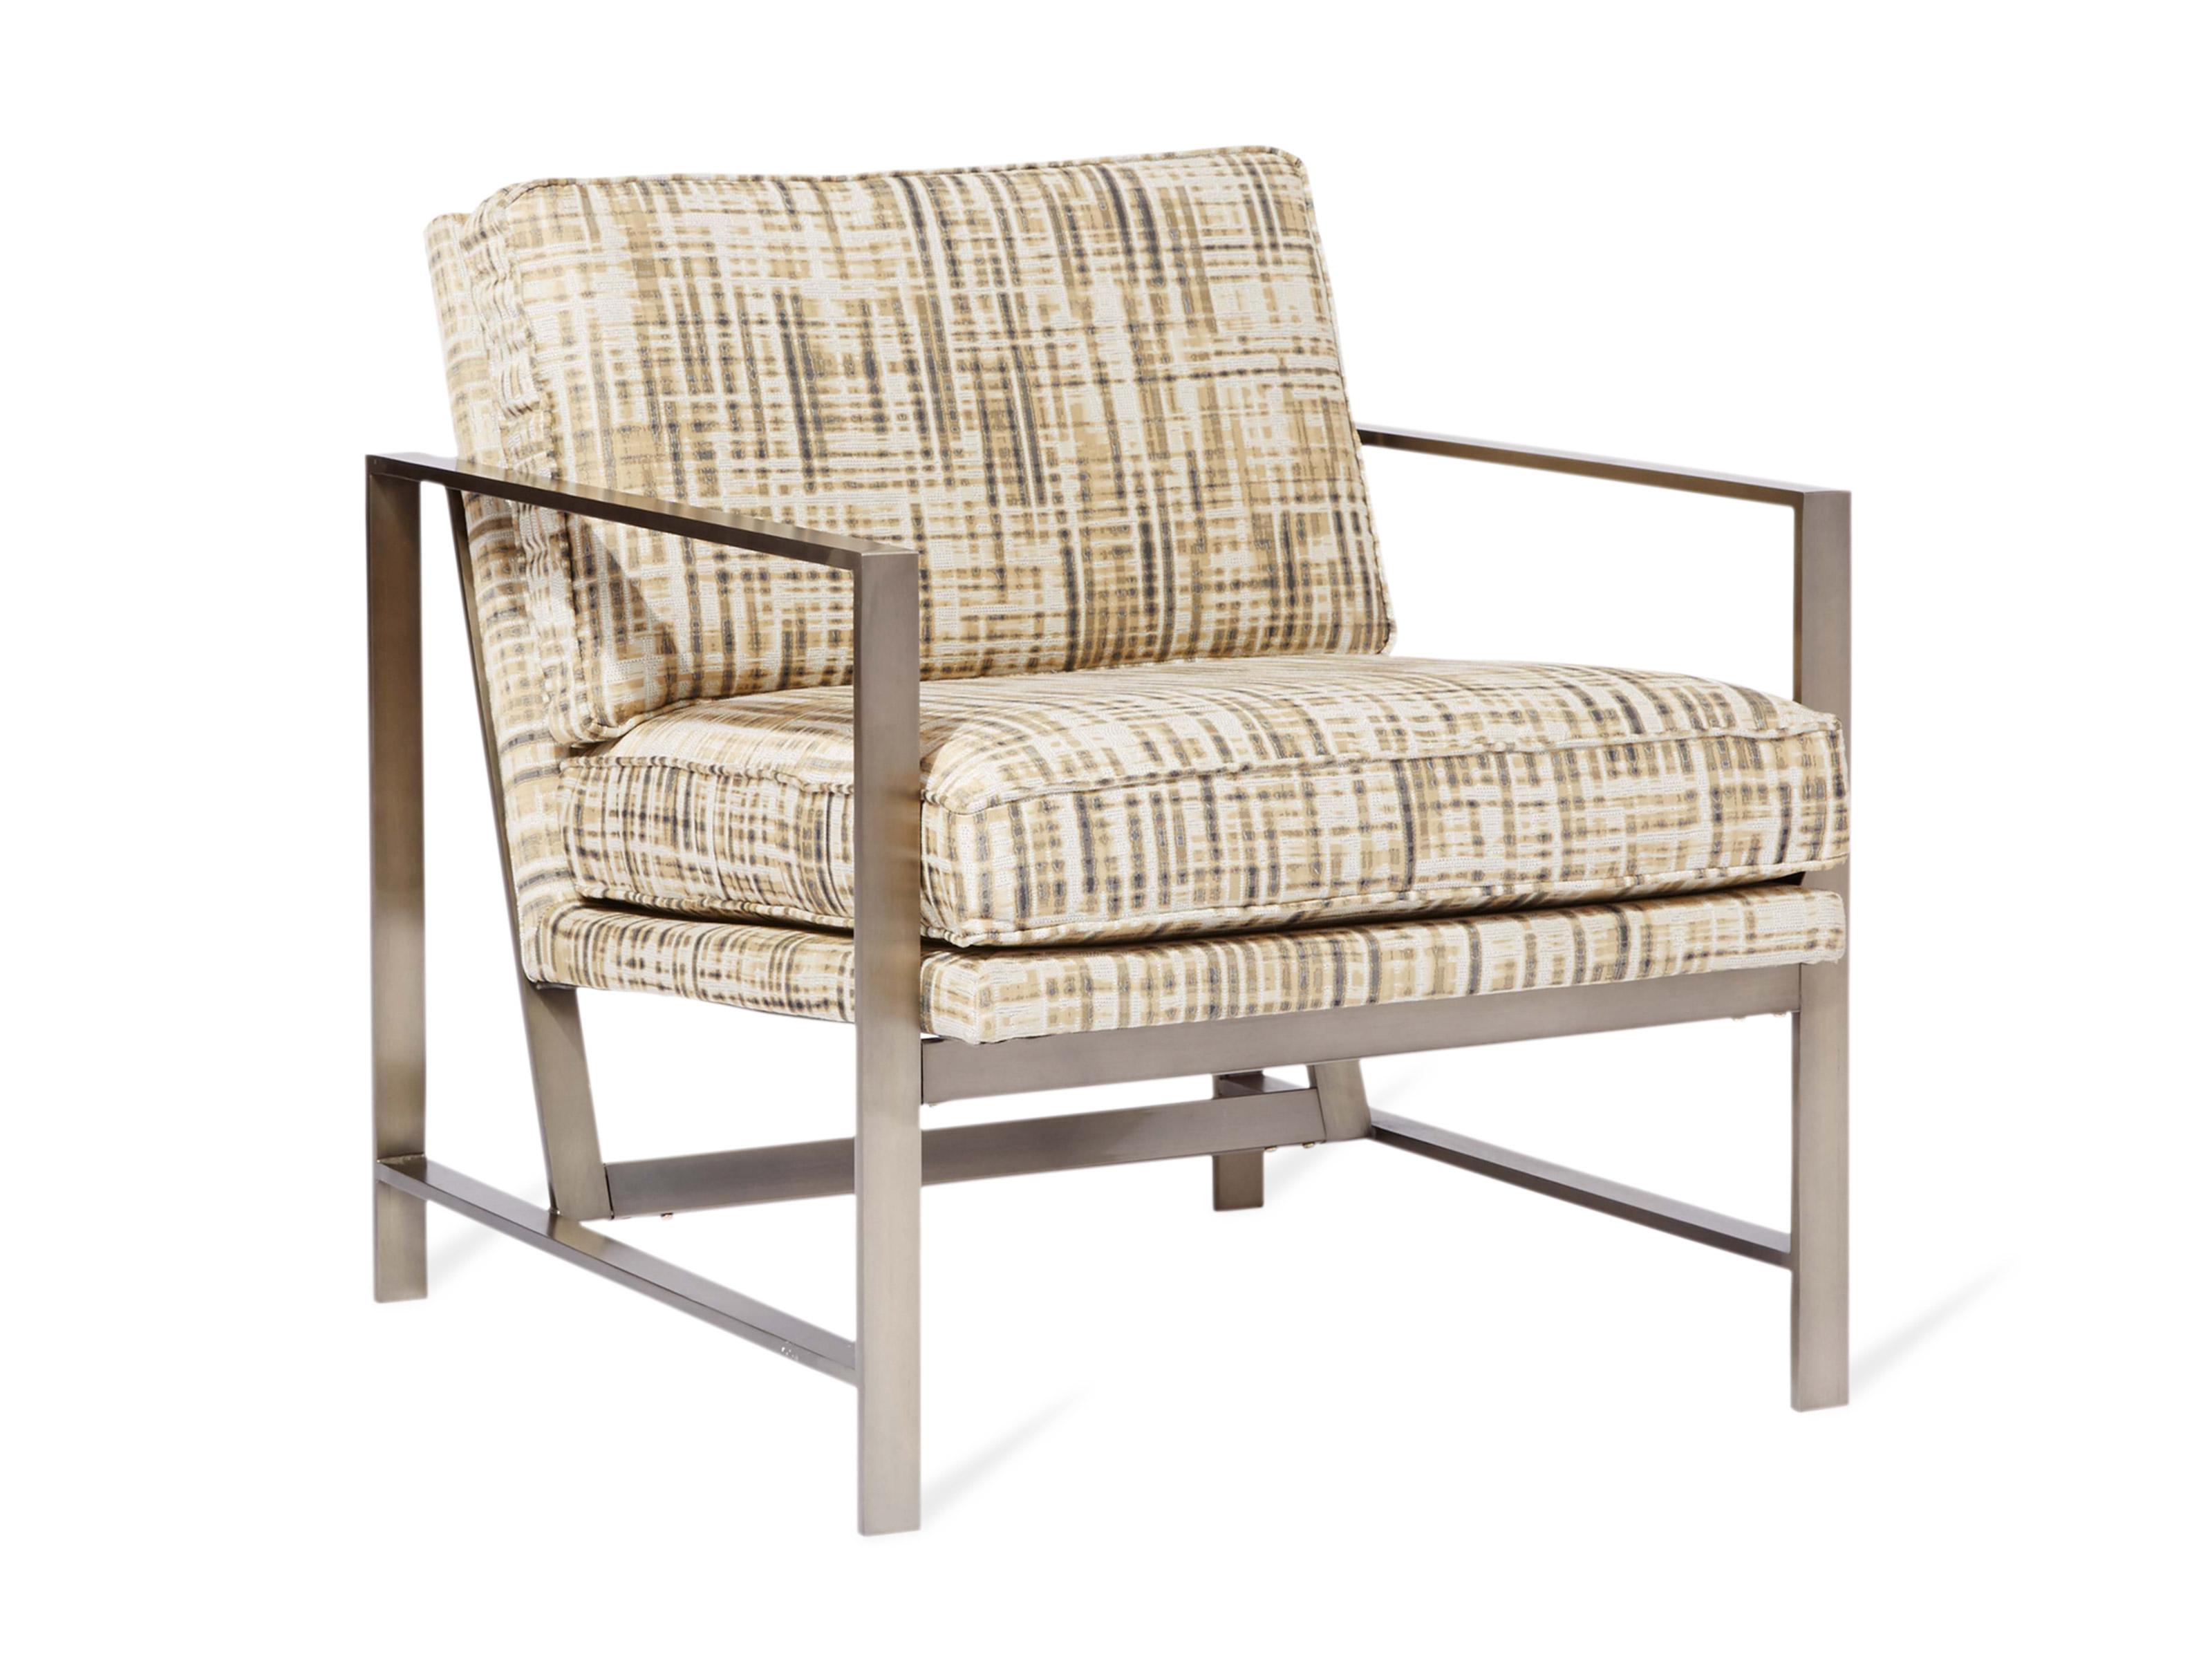 West Elm Work Metal Frame Chair Steelcase